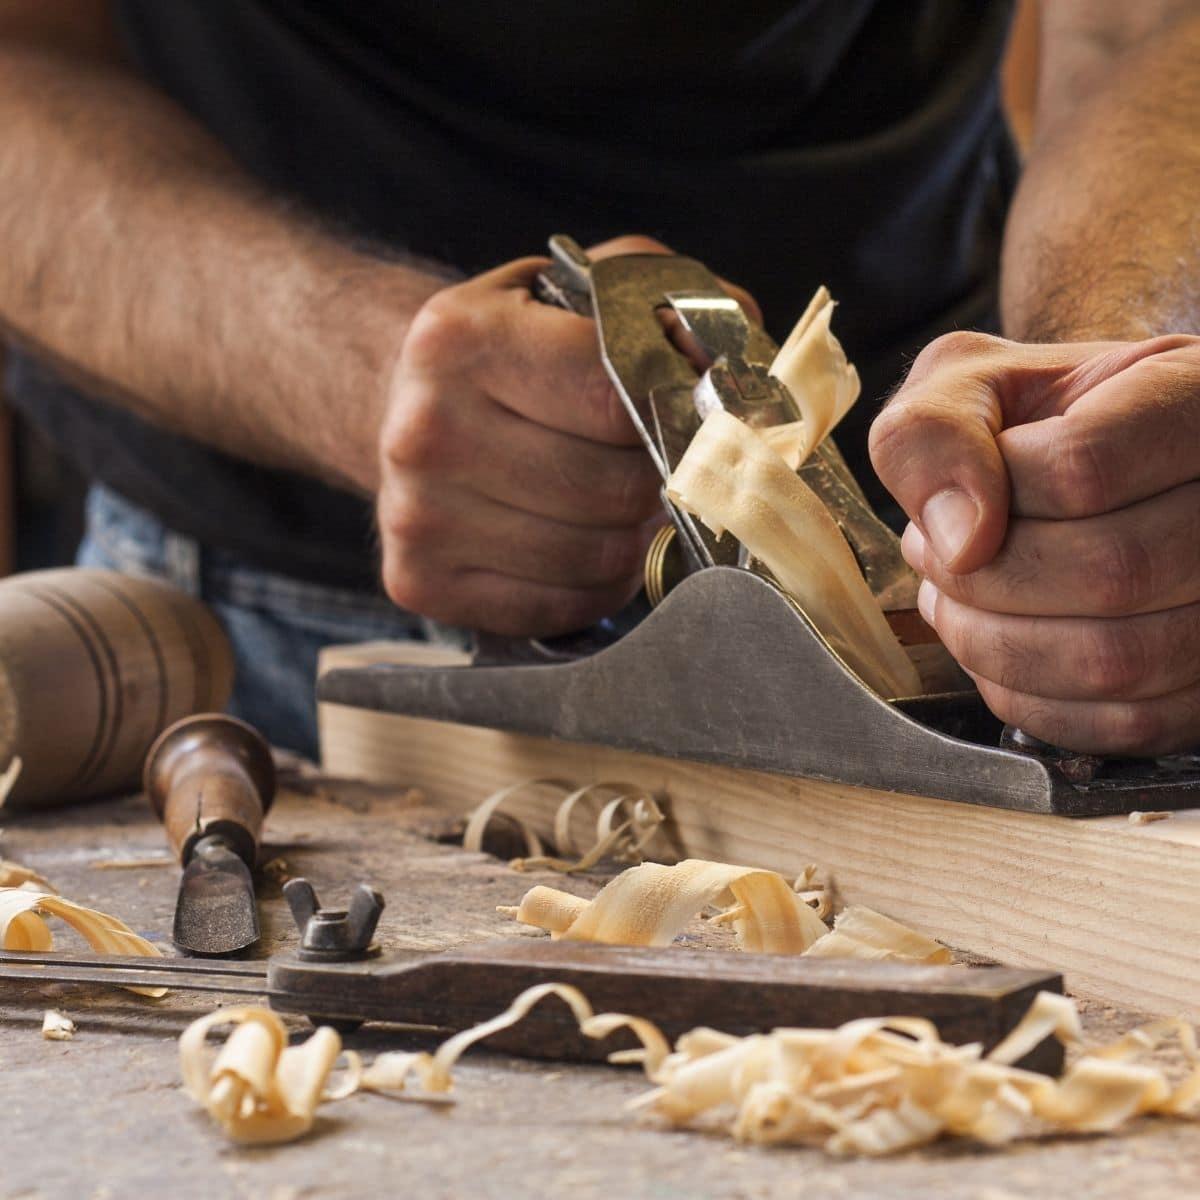 Preparing wood in woodworking shop.